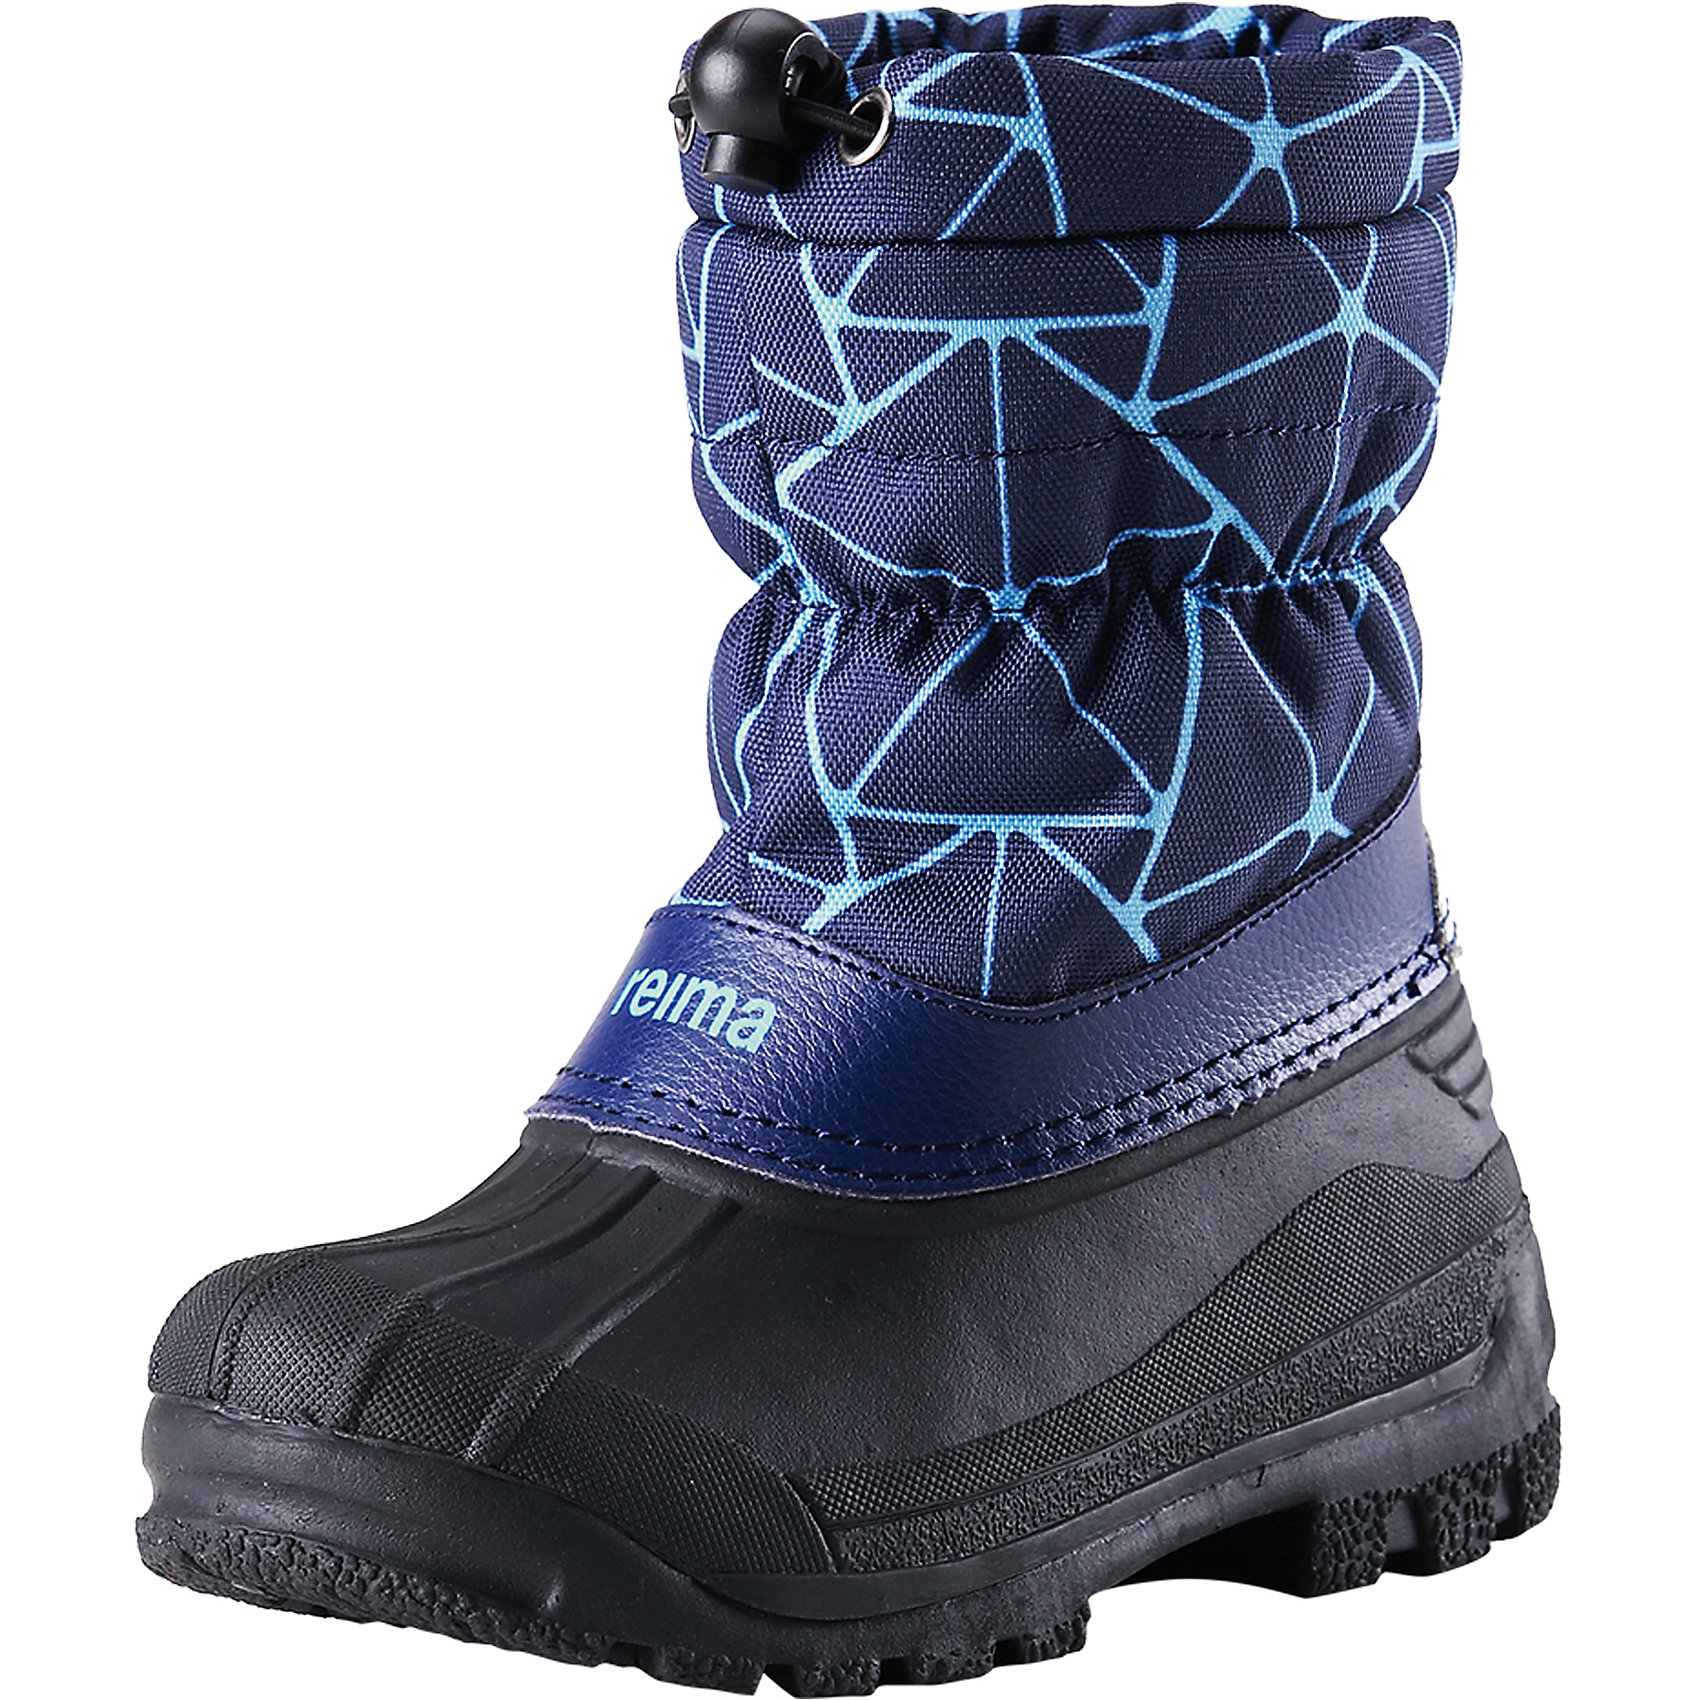 Ботинки Nefar для мальчика ReimaБотинки  Reimatec® Reima<br>Теплые сапоги для детей и малышей. Водоотталкивающая зимняя обувь с резиновыми галошами. Подошва из термопластичного каучука обеспечивает хорошее сцепление с поверхностью. Подкладка из искусственного меха. Легко надеваются на ноги. Отражатель на заднике. Снегозащитная манжета на воротнике. <br>Уход:<br>Храните обувь в вертикальном положении при комнатной температуре. Сушить обувь всегда следует при комнатной температуре: вынув съемные стельки. Стельки следует время от времени заменять на новые. Налипшую грязь можно счищать щеткой или влажной тряпкой. Перед использованием обувь рекомендуется обрабатывать специальными защитными средствами.<br>Состав:<br>Подошва: Термопластиковая резина, Верх: 80% ПЭ 20% Кожа<br><br>Ширина мм: 262<br>Глубина мм: 176<br>Высота мм: 97<br>Вес г: 427<br>Цвет: синий<br>Возраст от месяцев: 24<br>Возраст до месяцев: 24<br>Пол: Мужской<br>Возраст: Детский<br>Размер: 25,33,32,29,27,30,35,31,26,34,24,28<br>SKU: 4776783